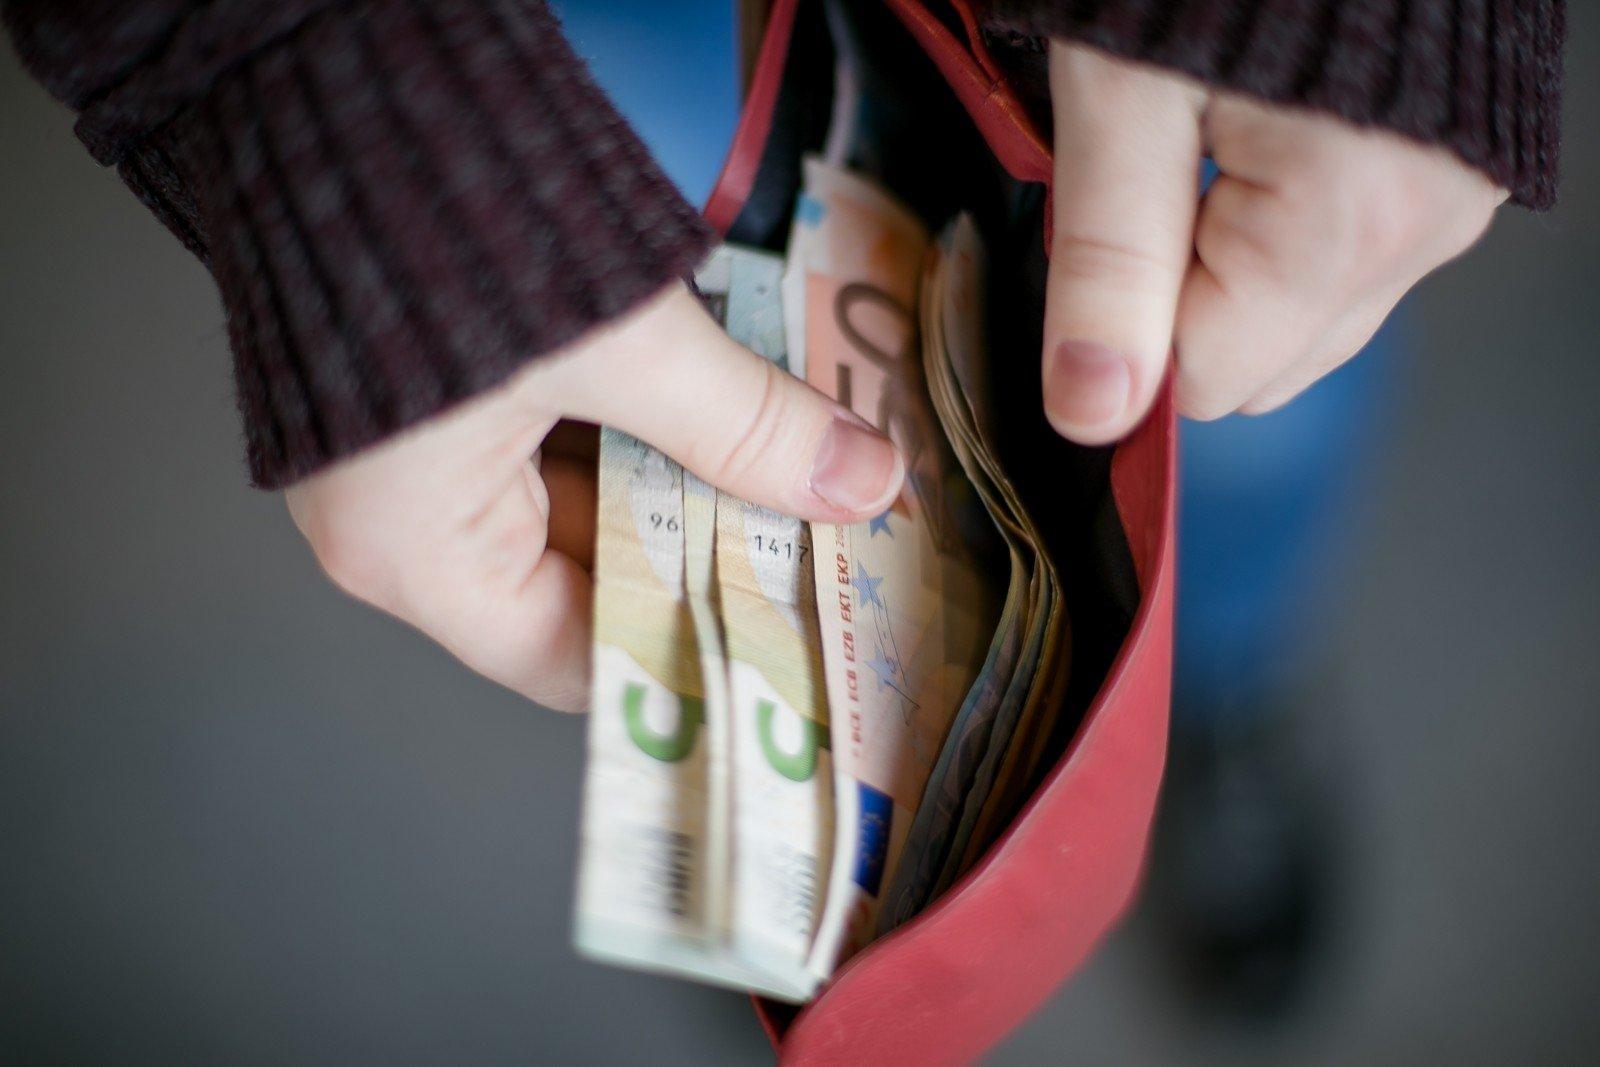 neuždirbsi pinigų sėdėdamas biure